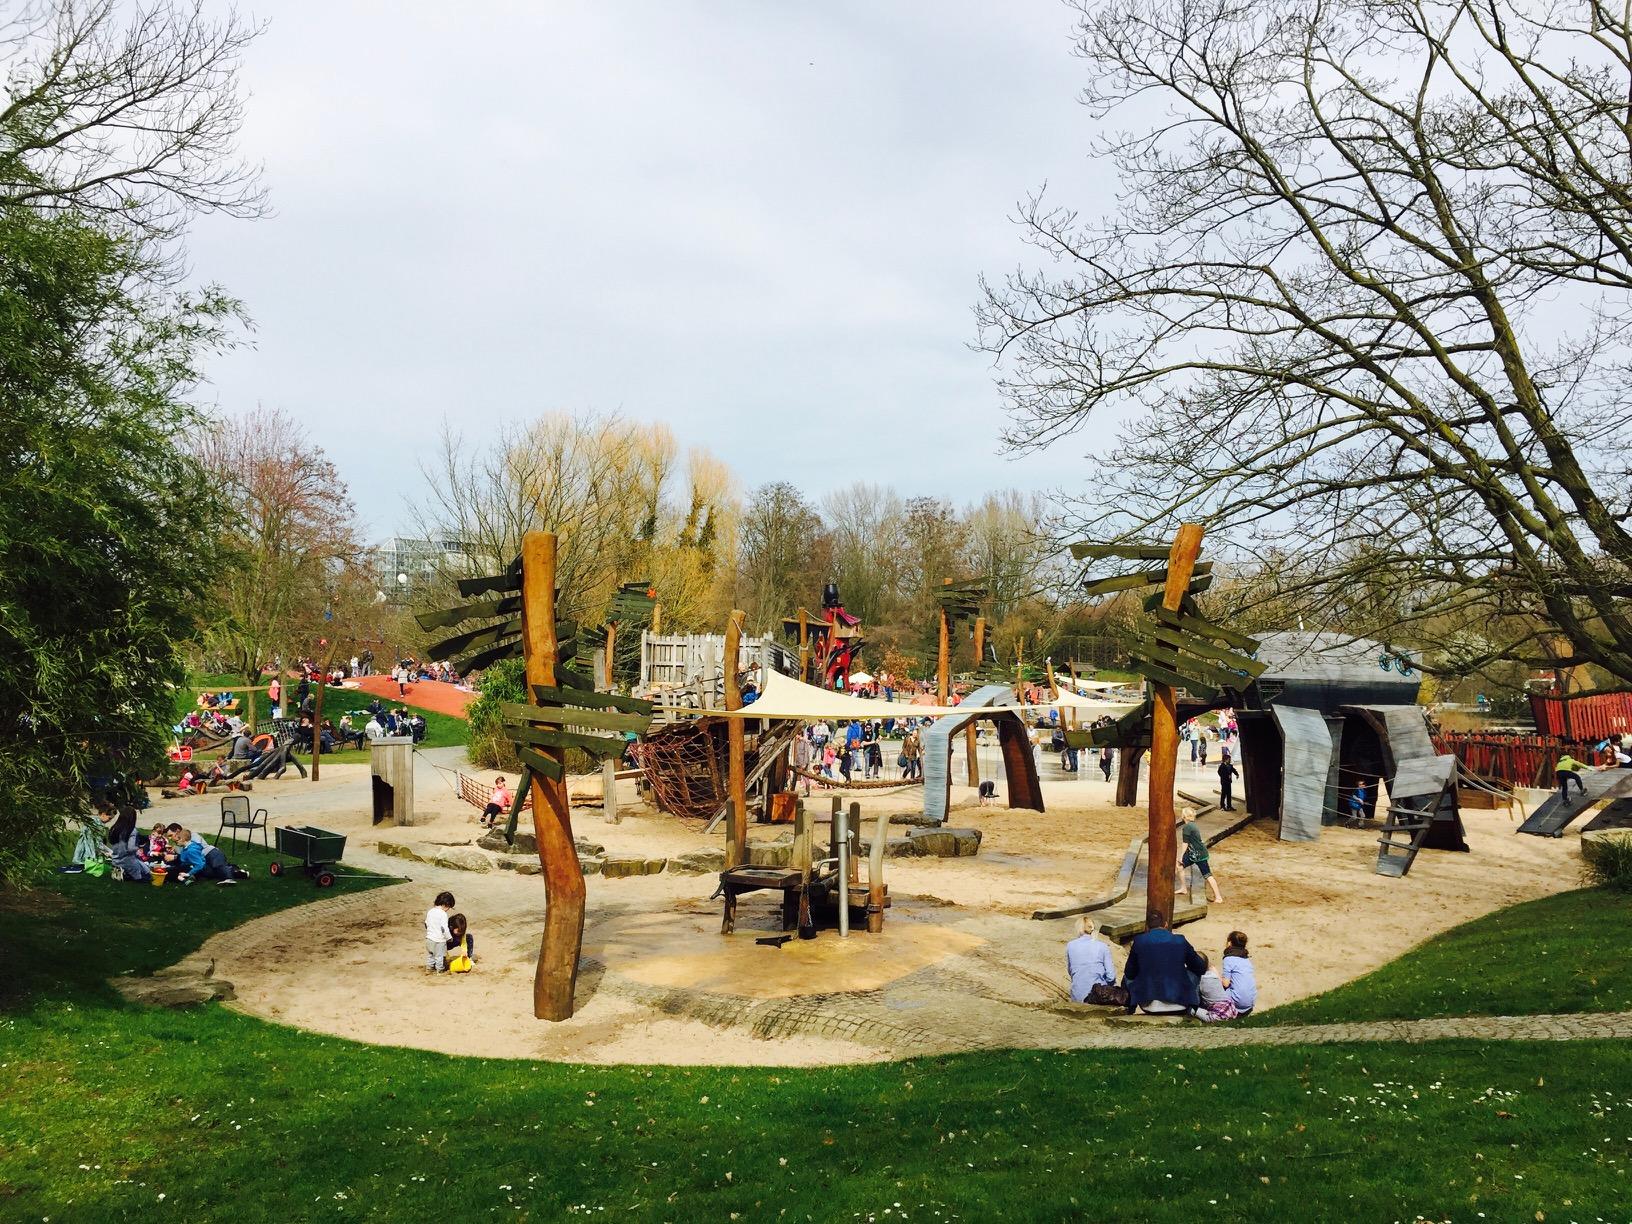 Blick von weitem auf den großen Spielplatzbereich, Maxipark in Hamm